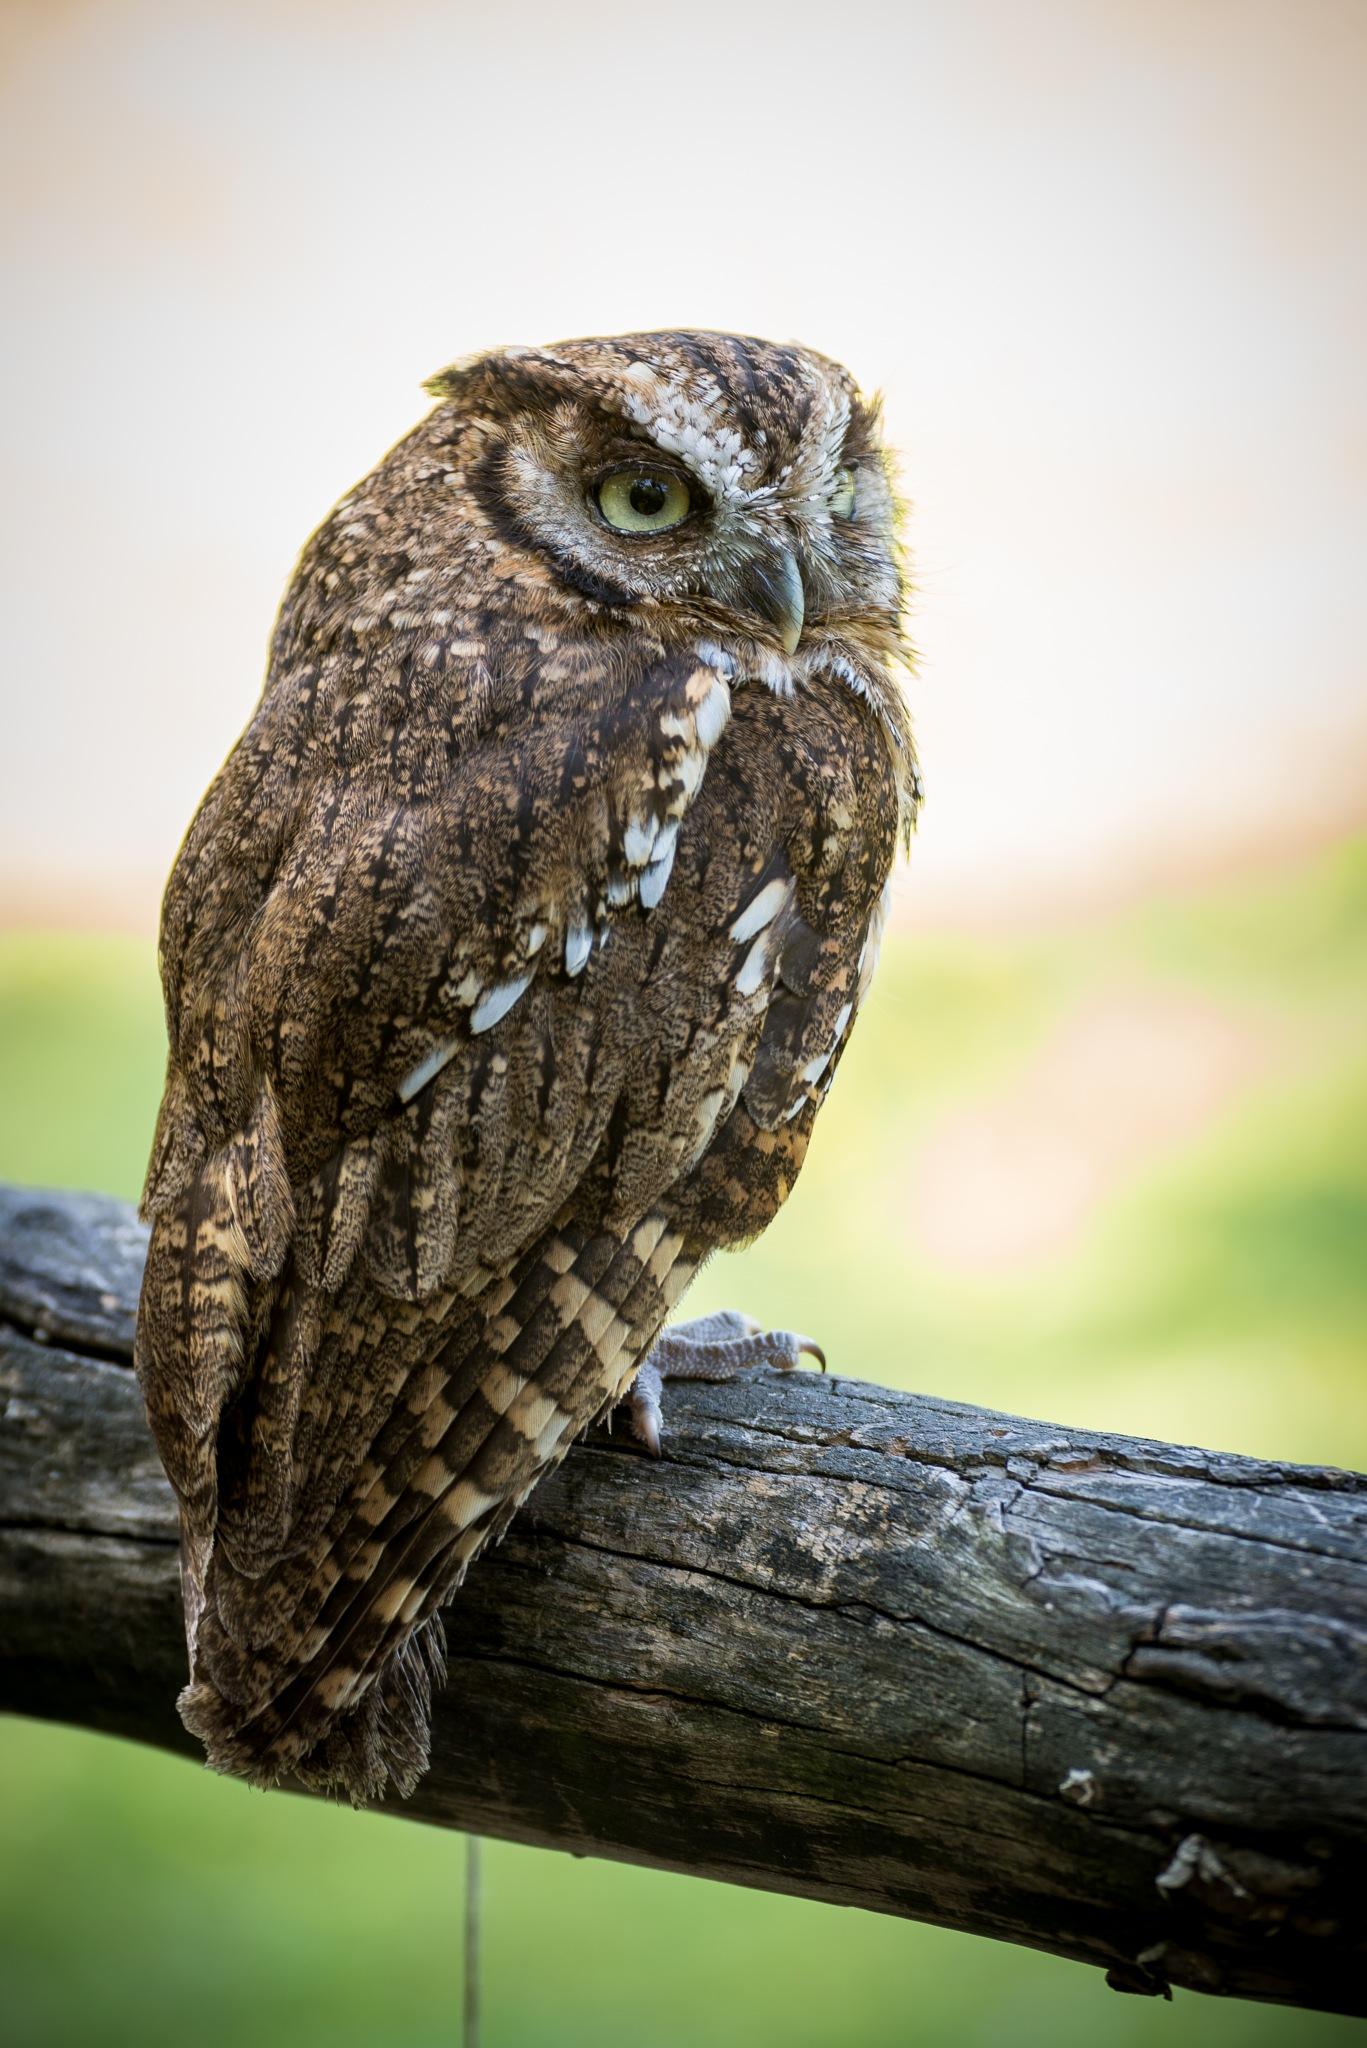 Scops Owl by Michele Masoero